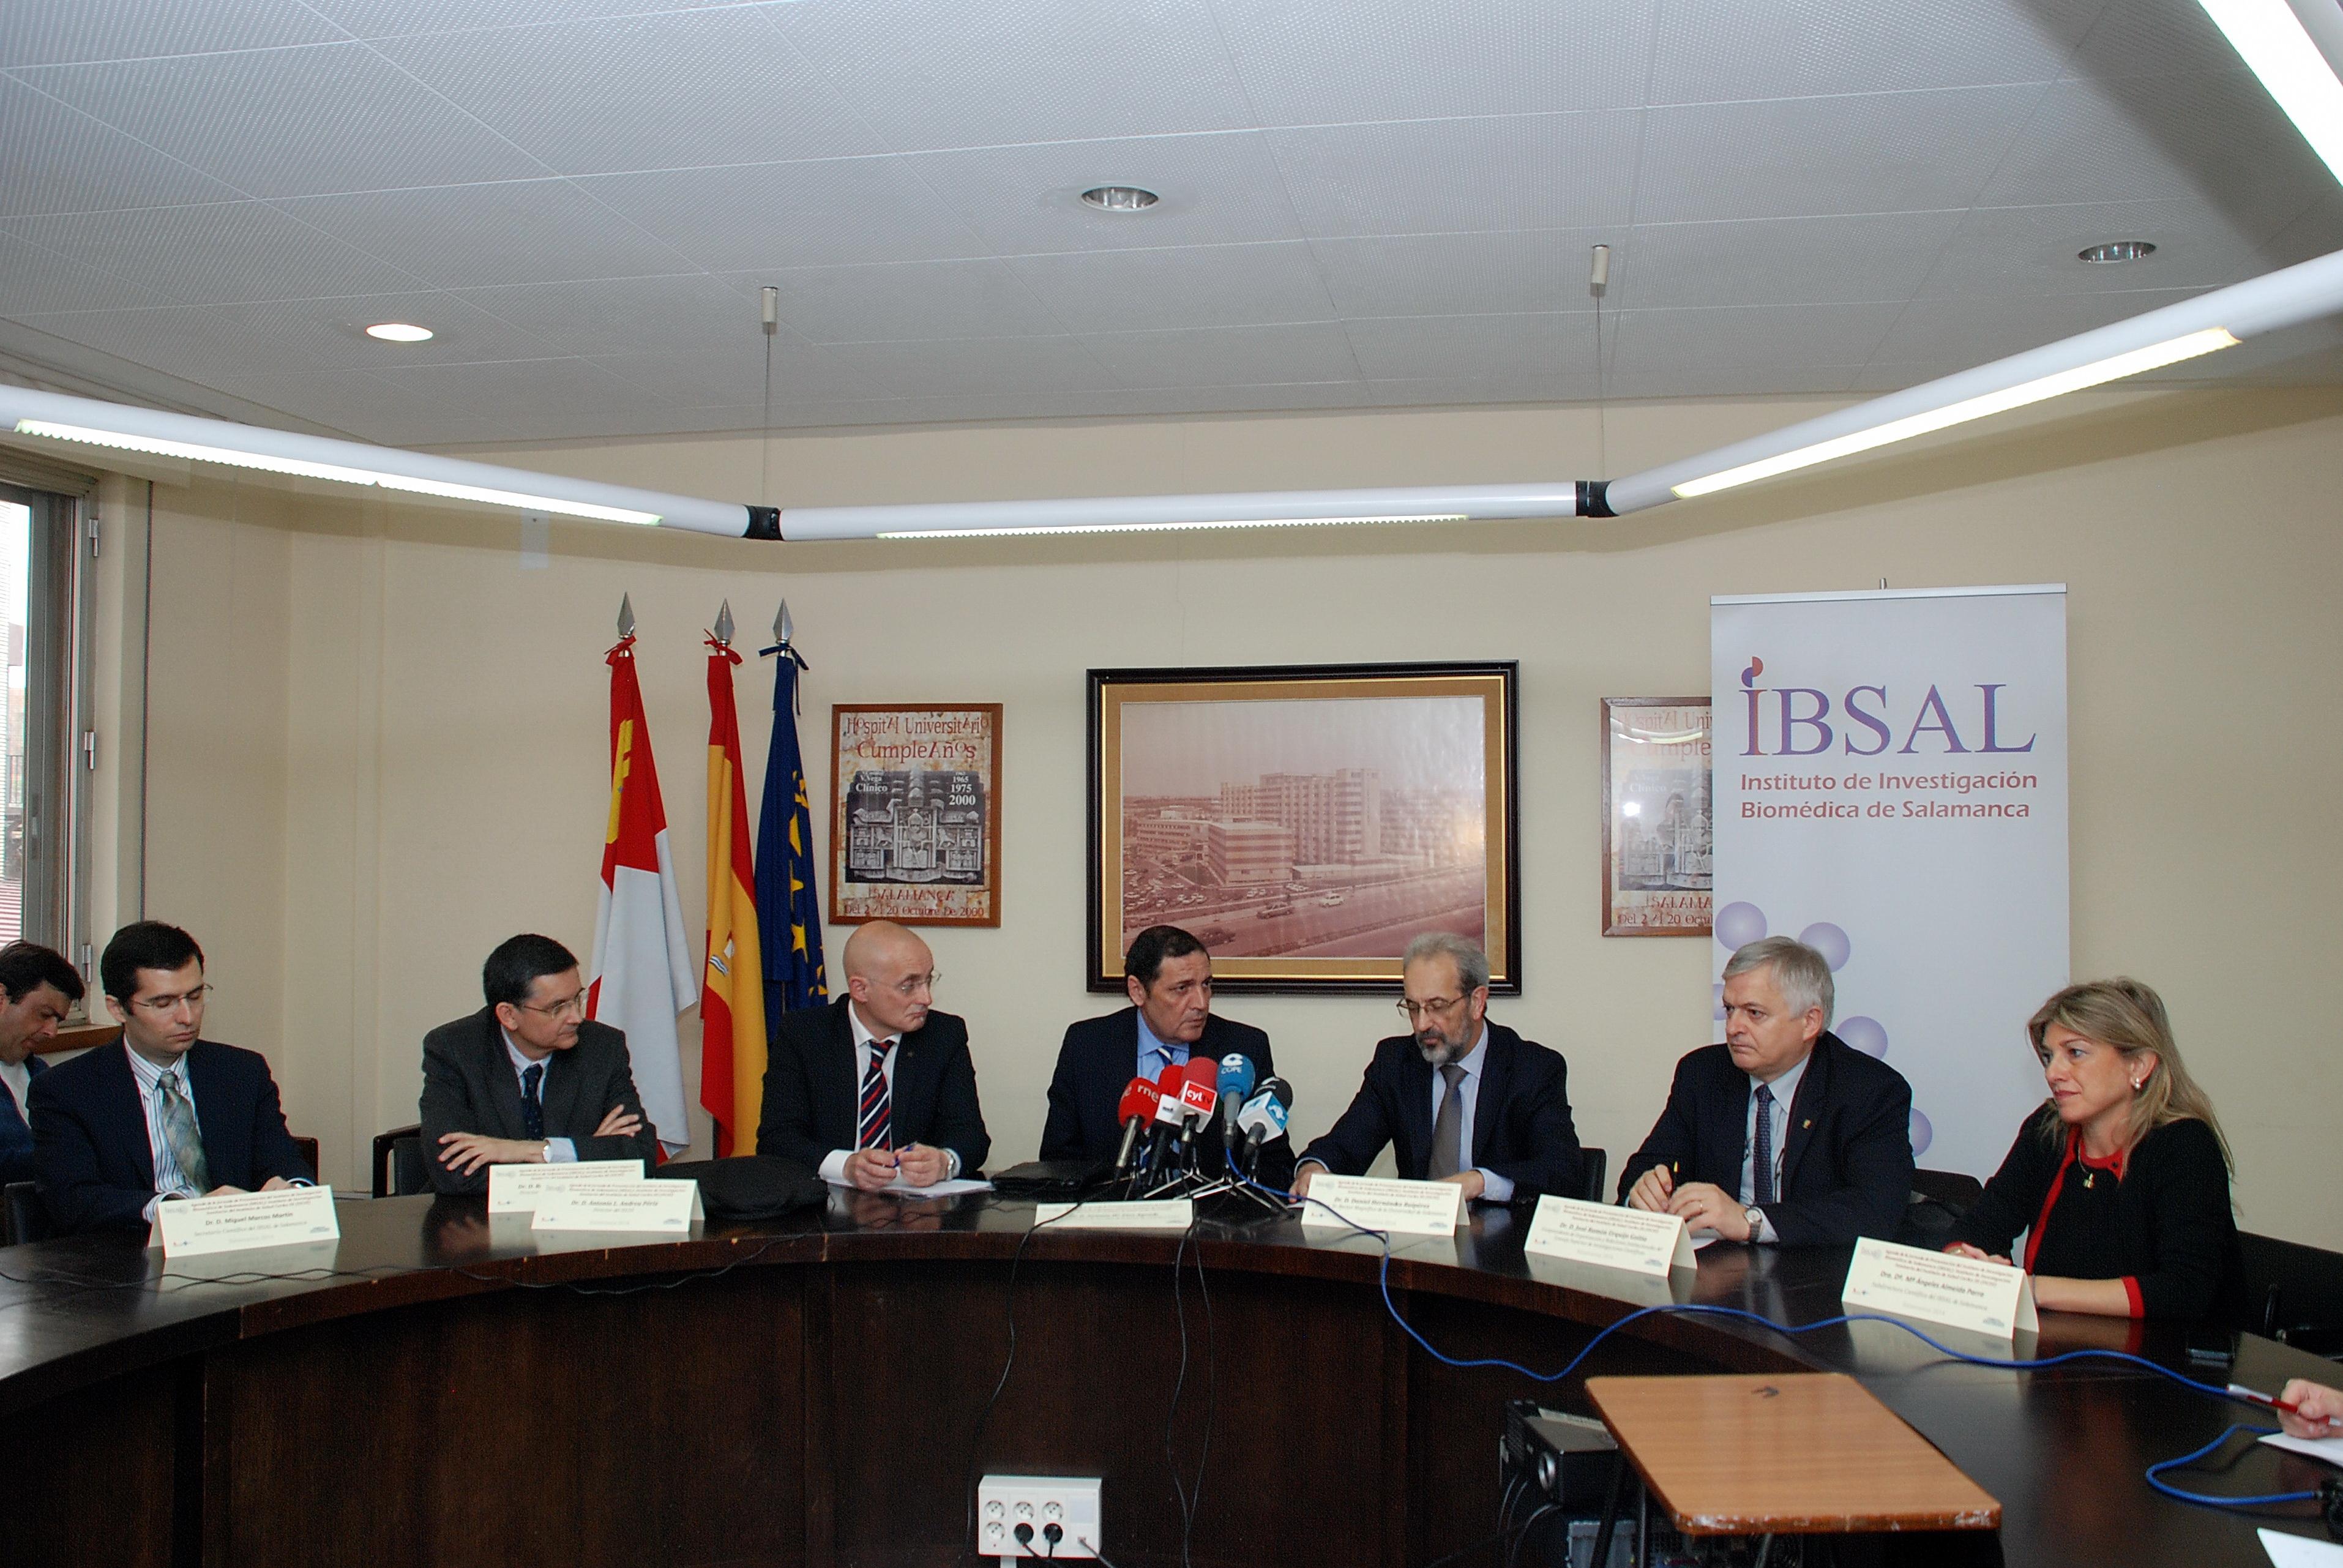 El rector asiste a la jornada de presentación del Instituto de Investigación Biomédica de Salamanca